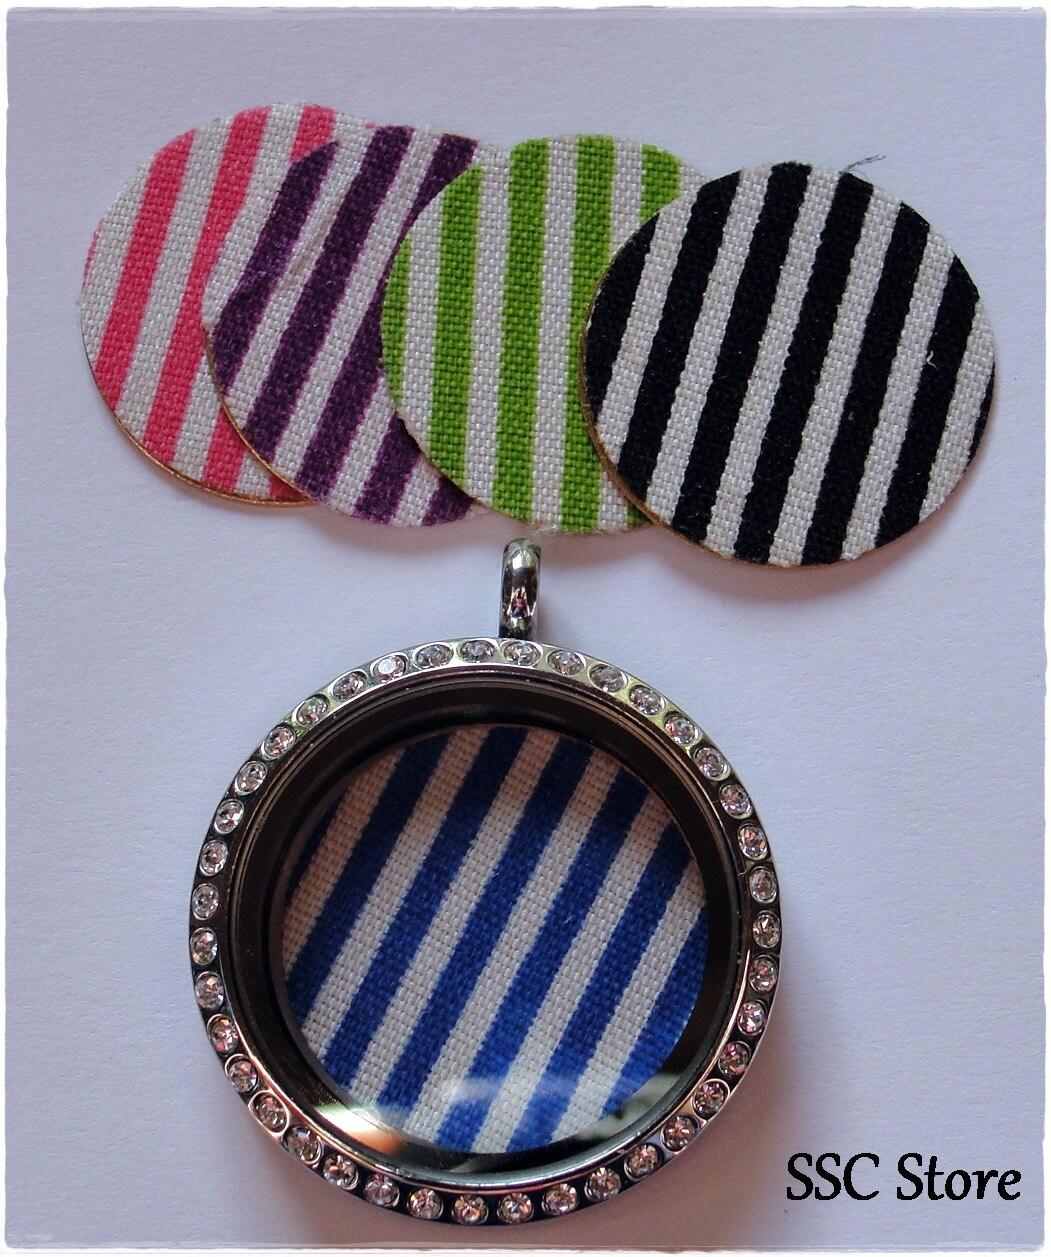 Origami Owl Jewelry | Beautiful With Sparkly Blue Eyes | Poshmark | 1257x1051